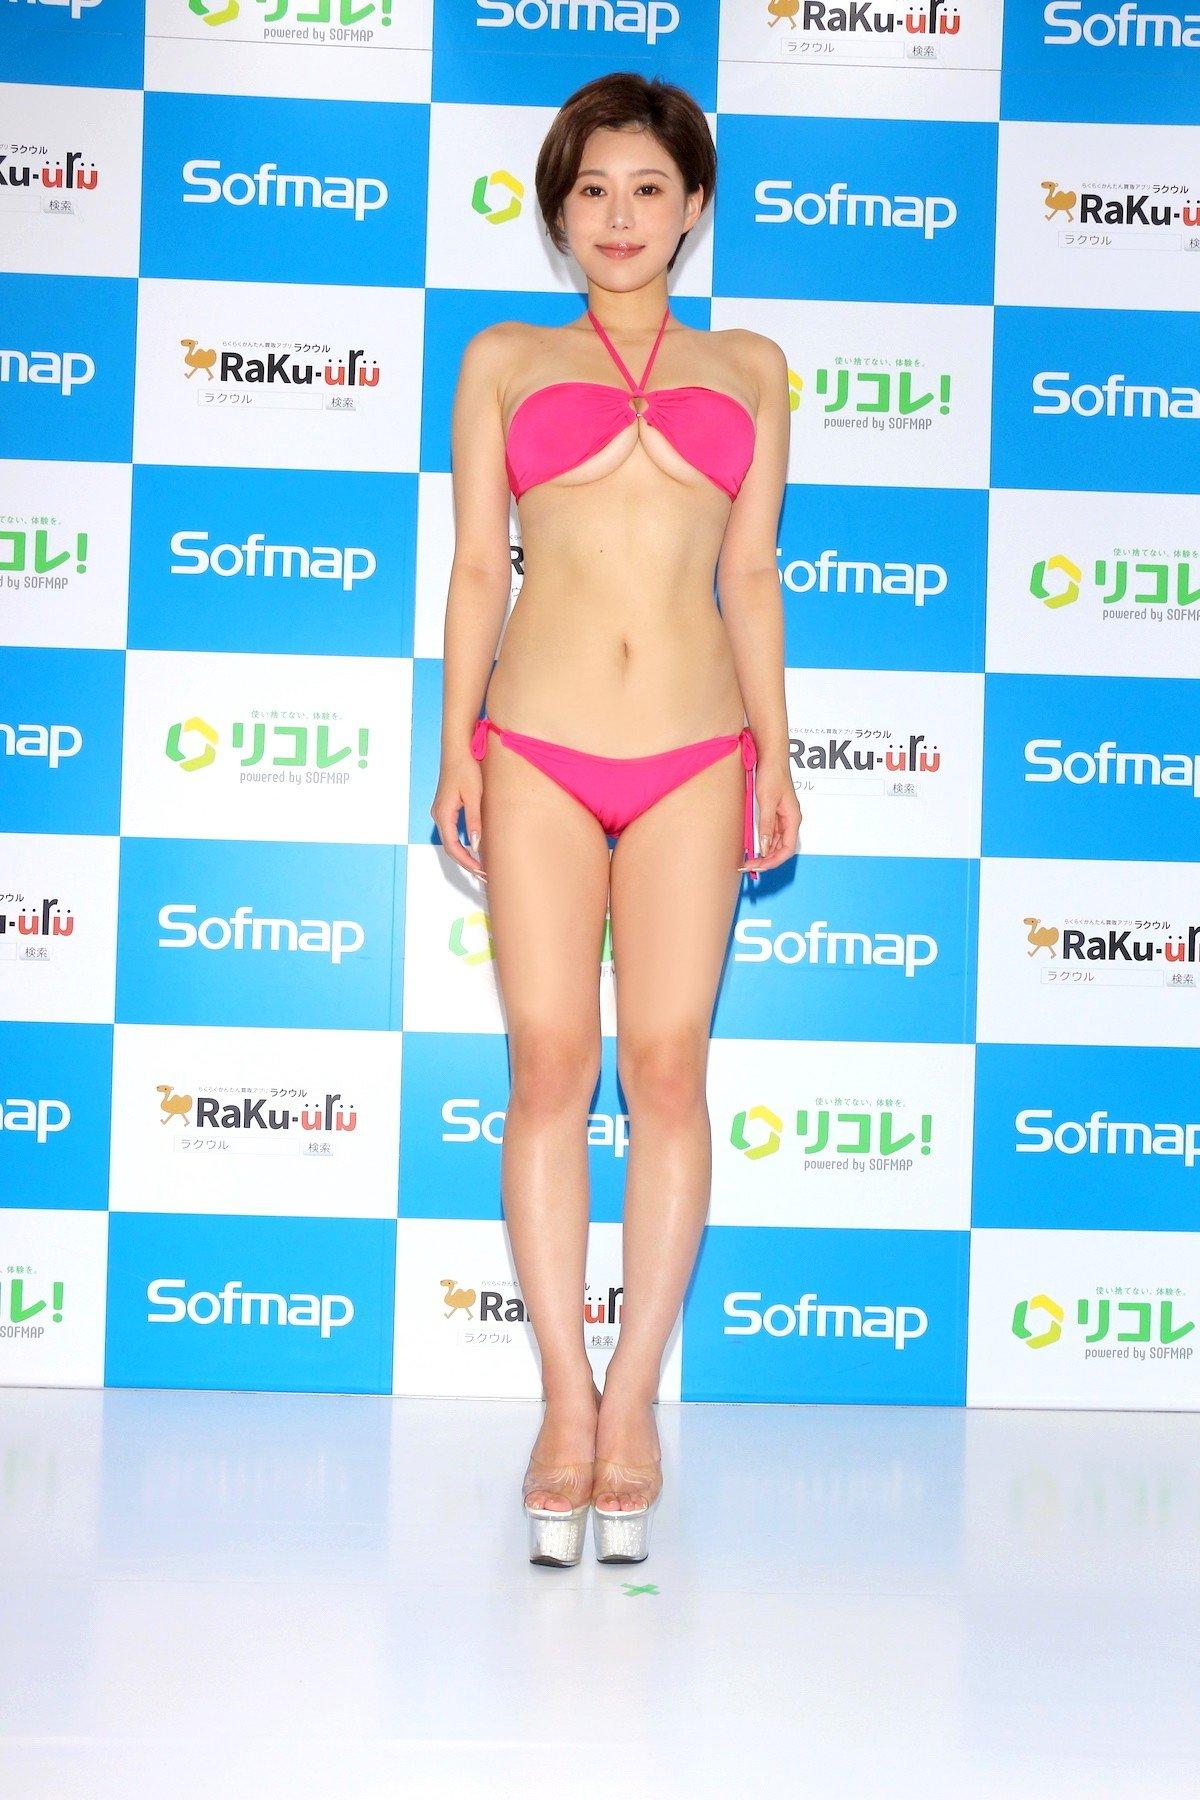 山本ゆう「裸エプロンってワードだけで」本当に何も下に着てない【画像58枚】の画像002